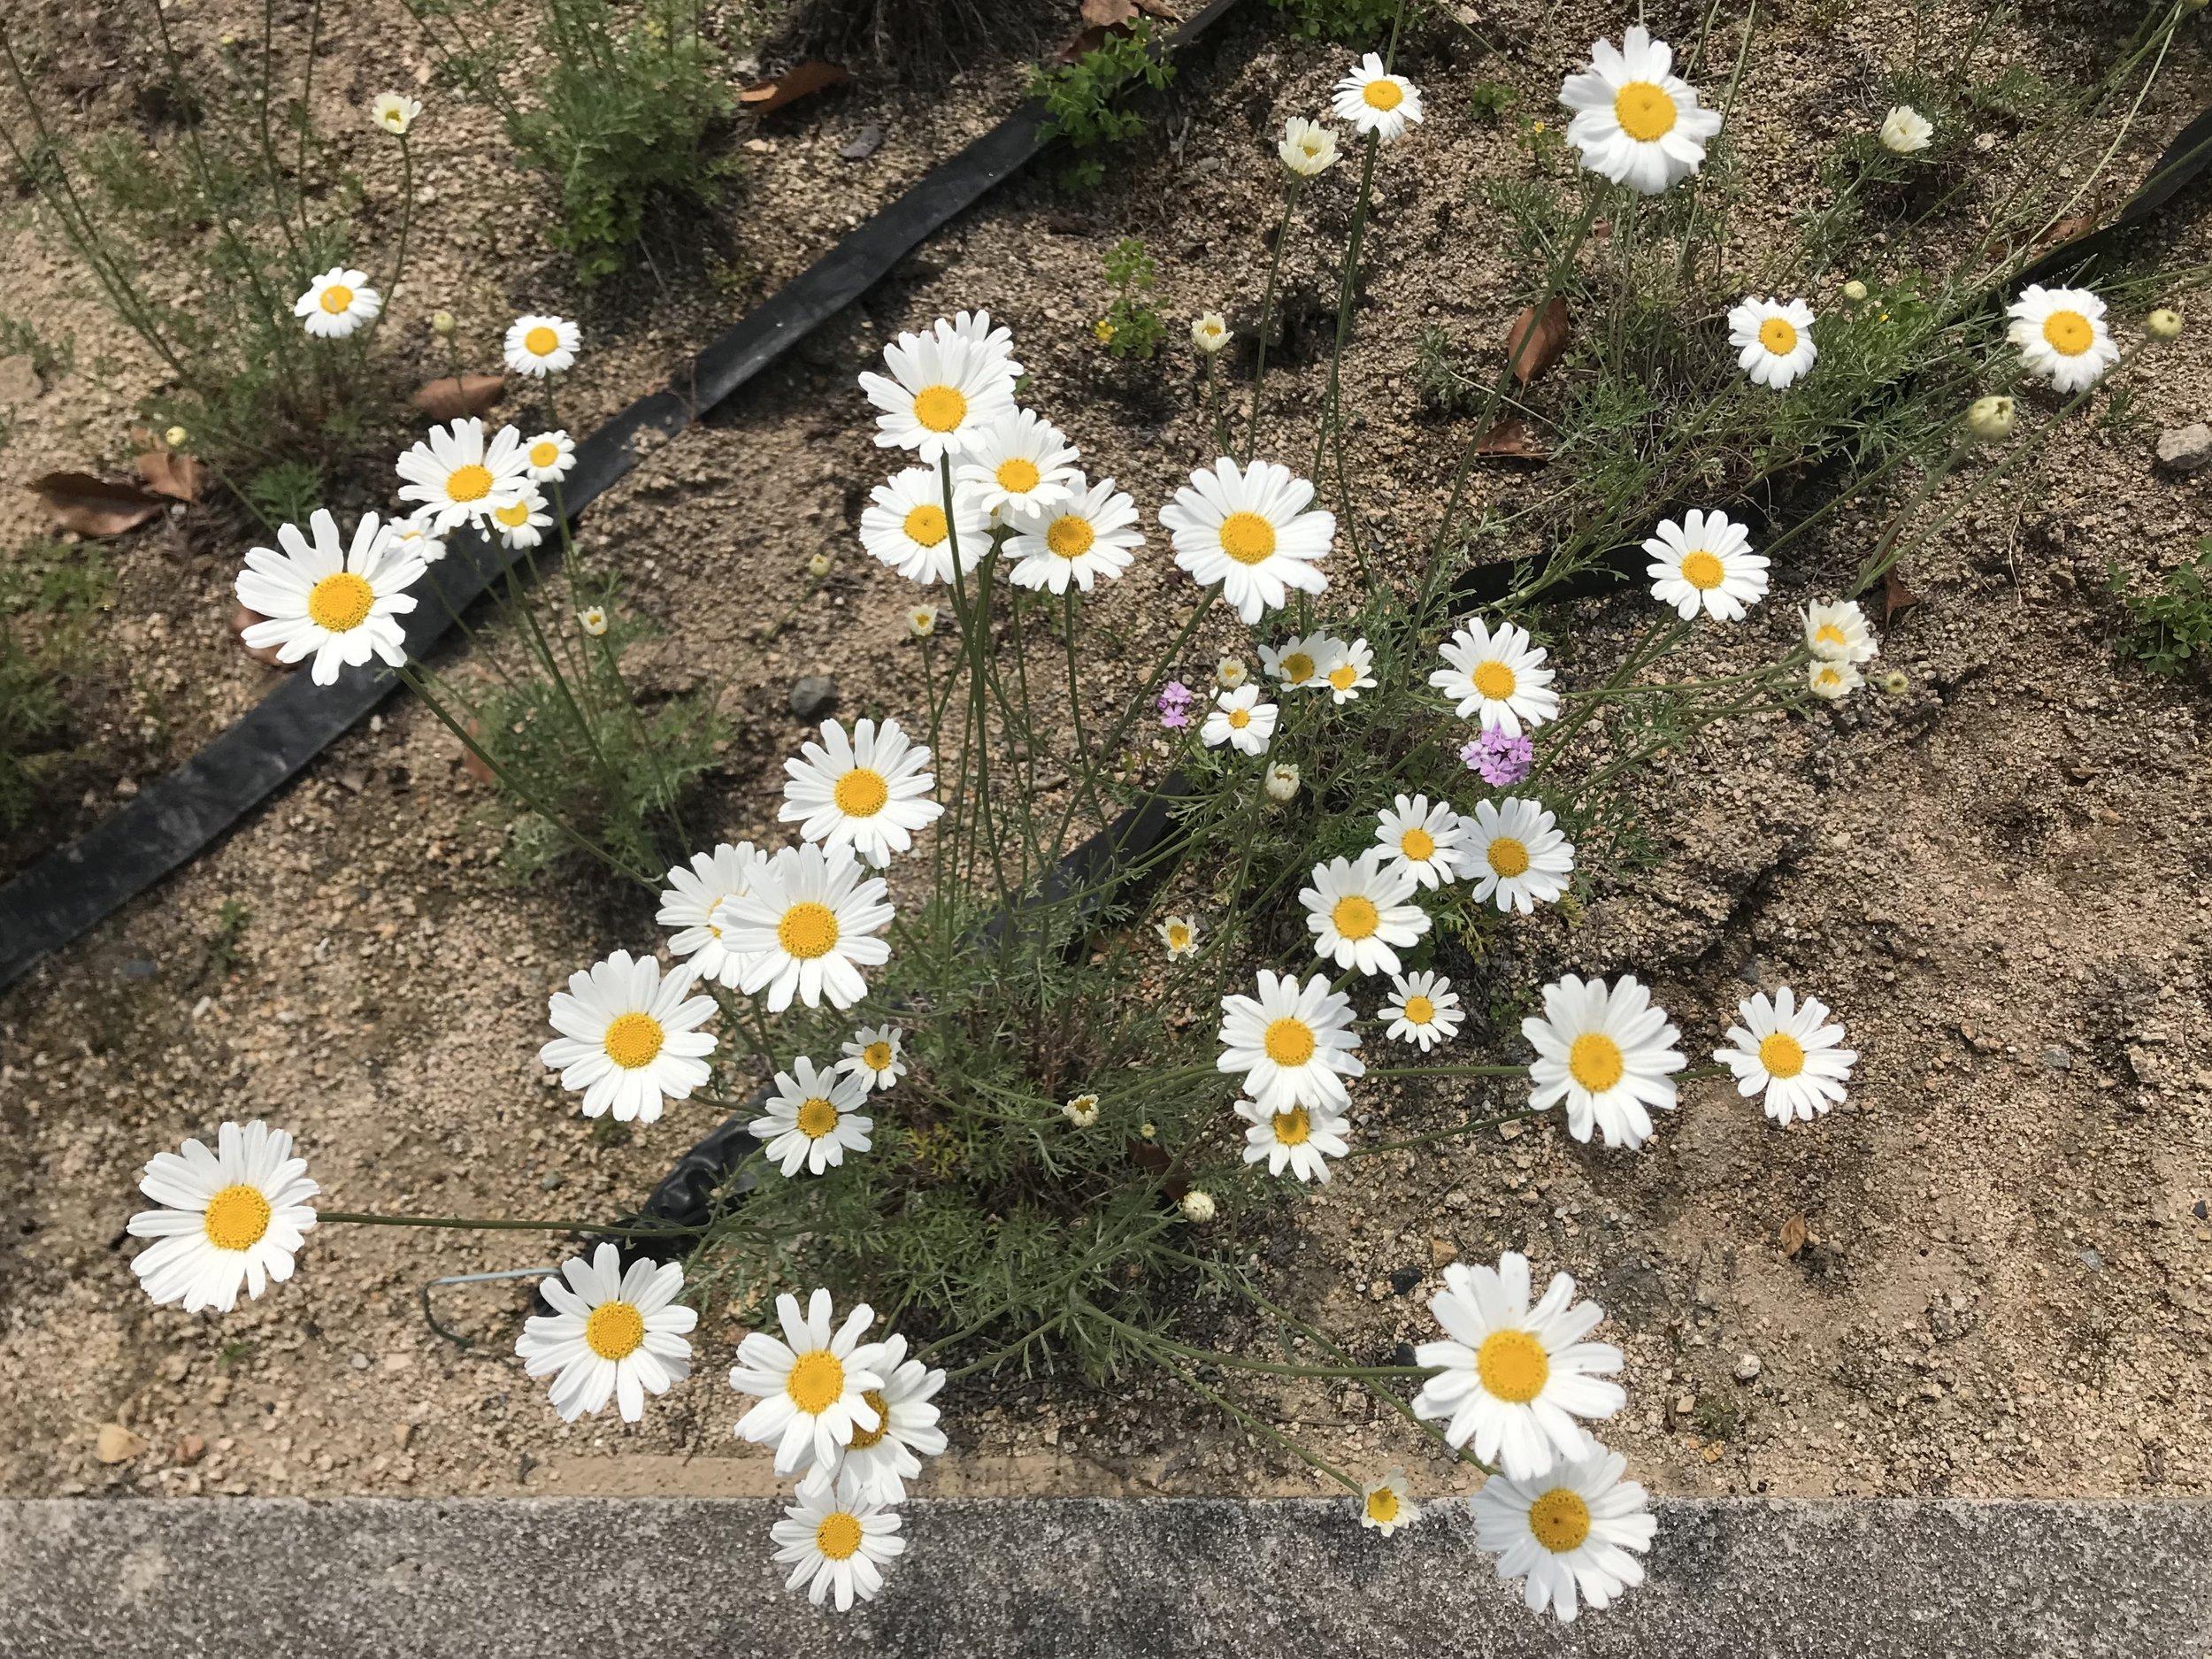 Flowers_of_Tanacetum_cinerariifolium_20180430.jpg